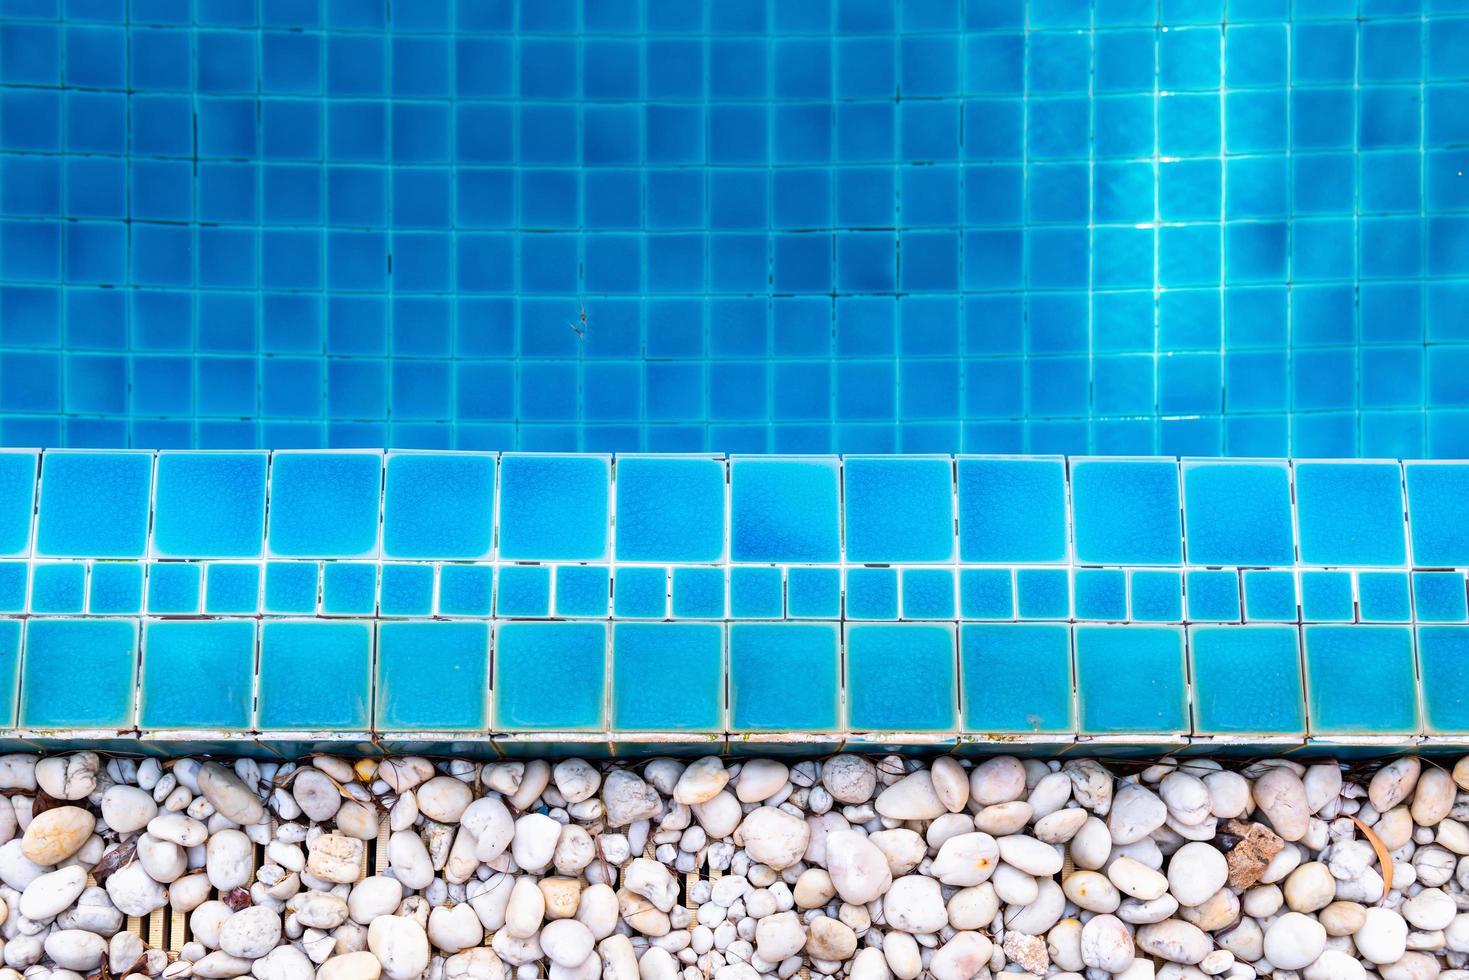 fond de carreaux et reflet de l'eau dans la piscine. photo